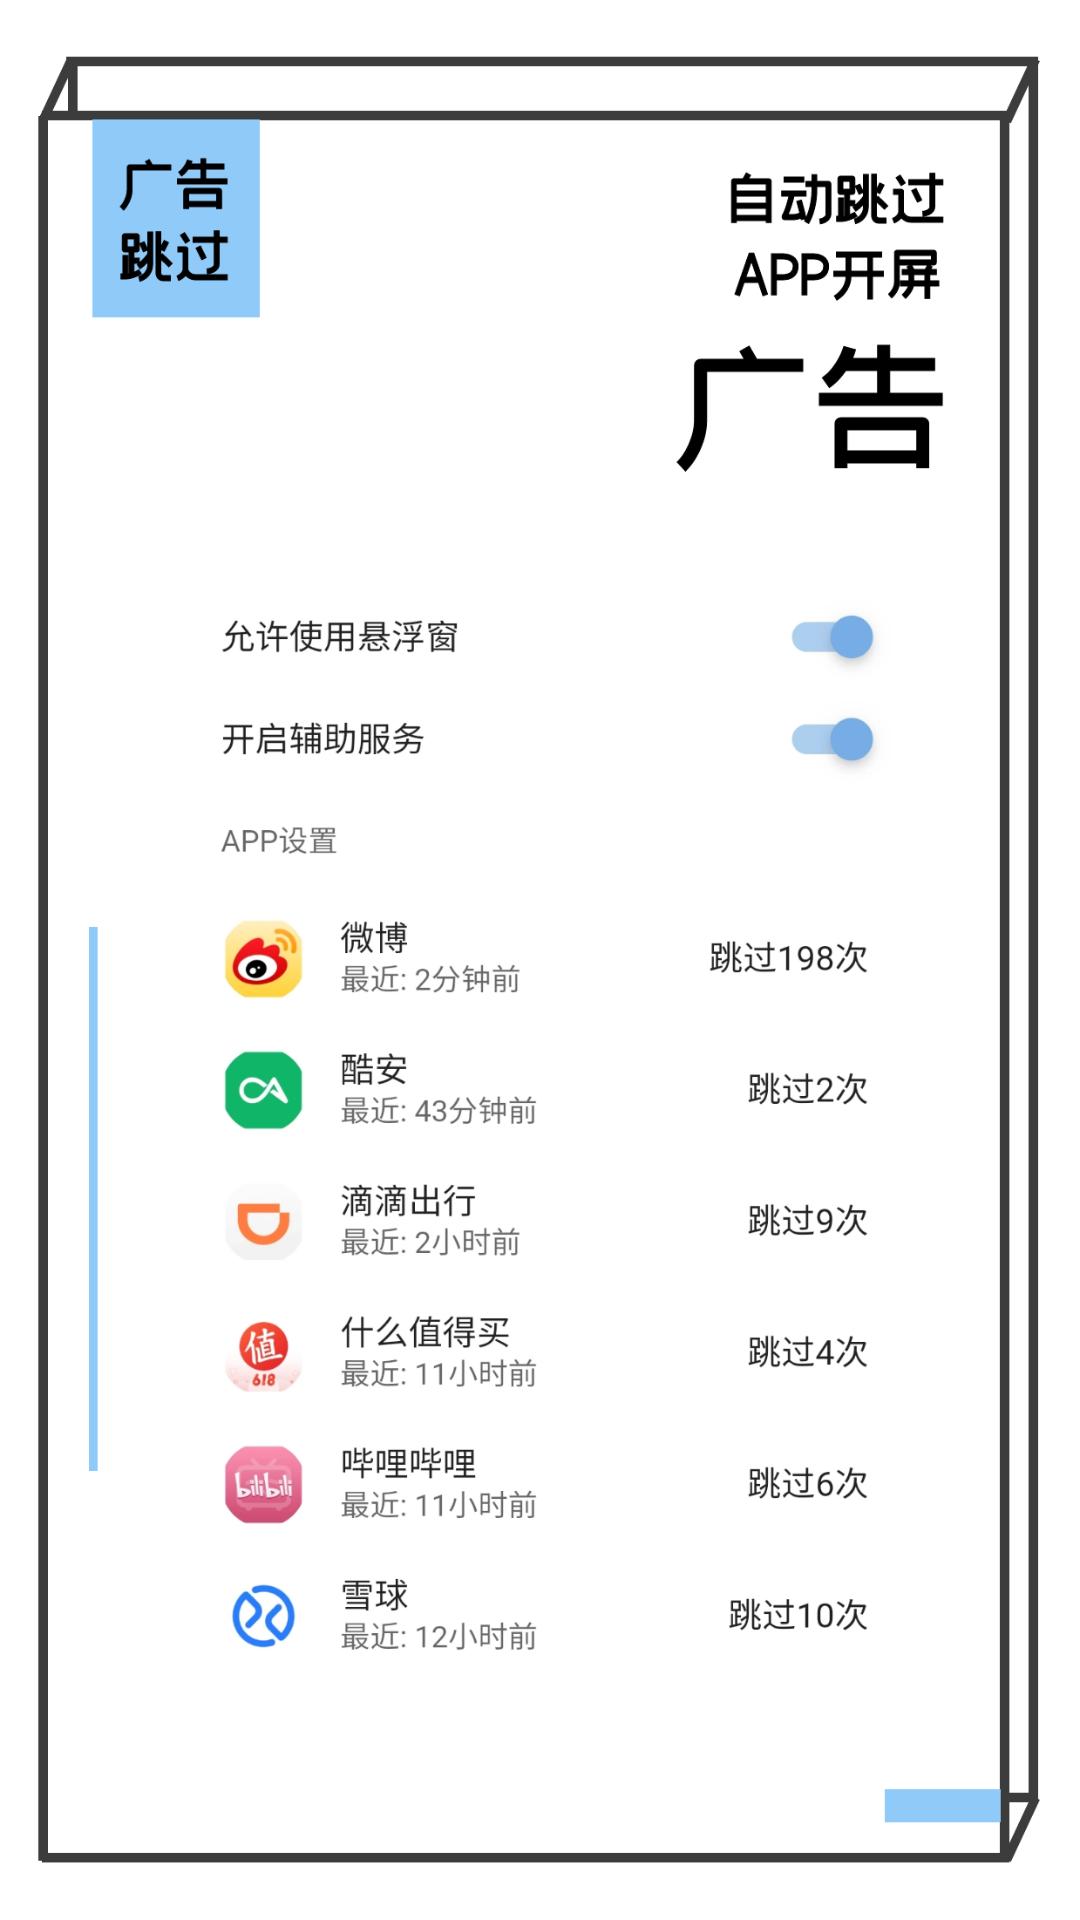 广告跳过 V1.5.3 安卓版截图3